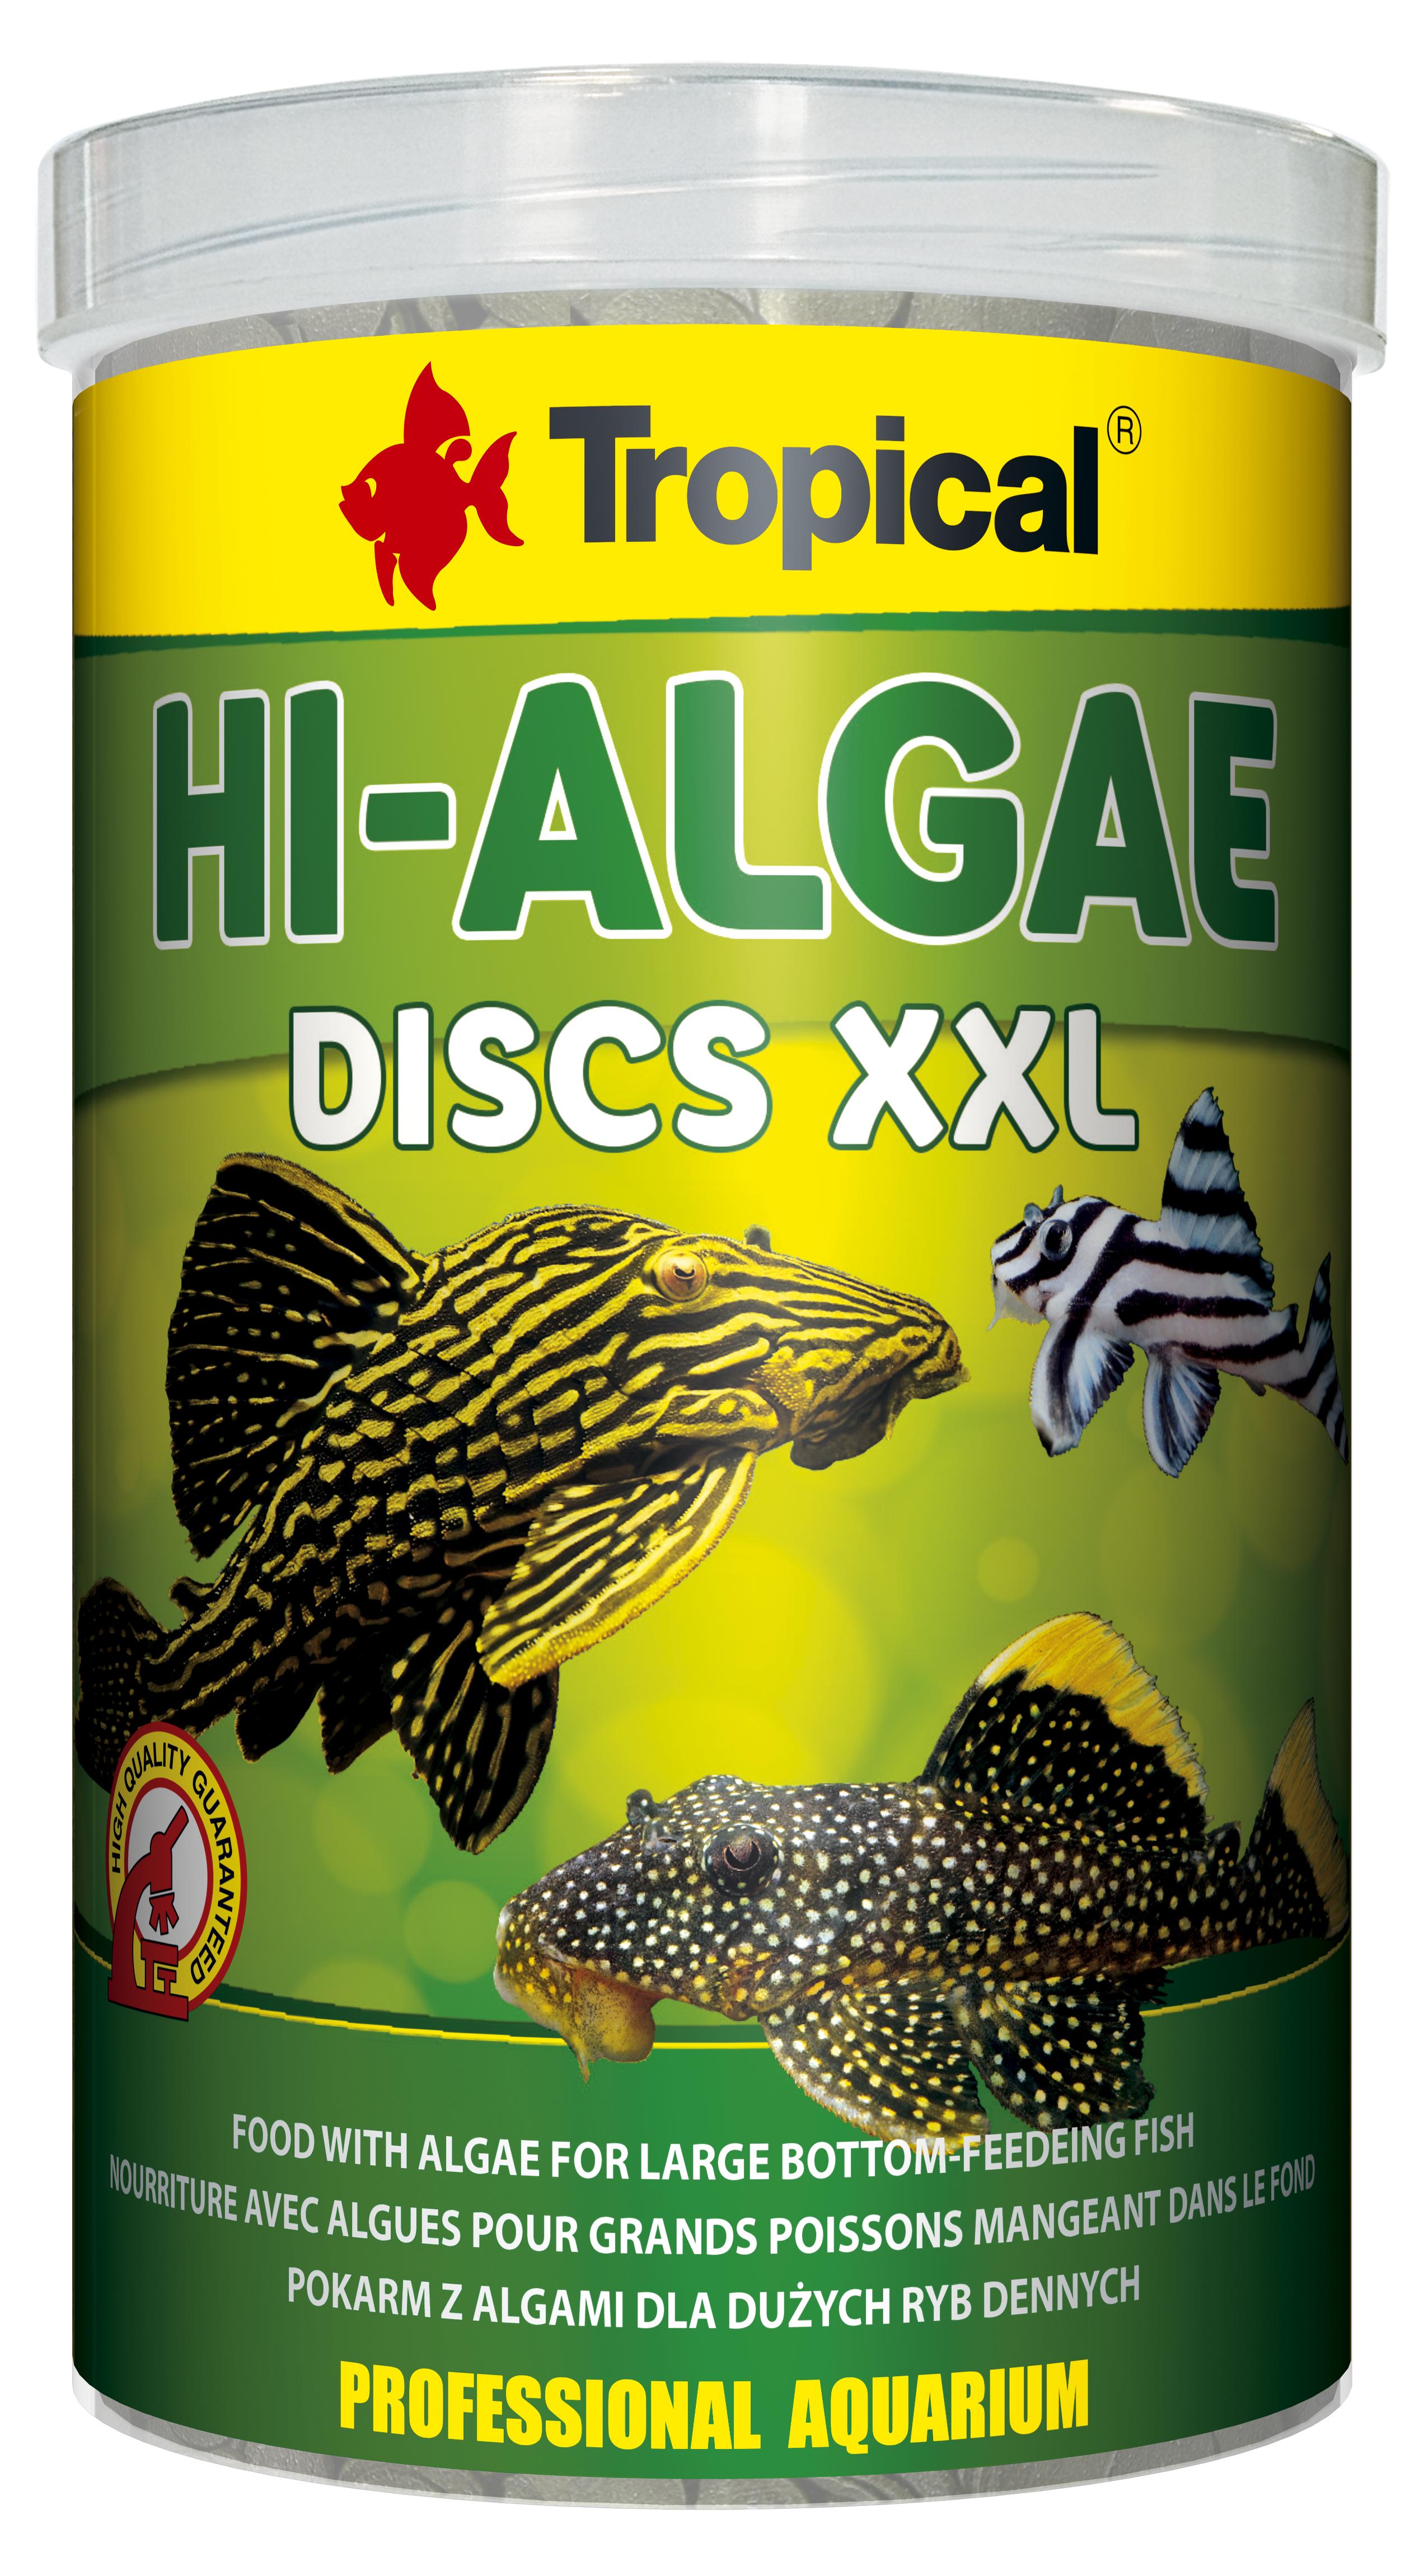 Tropical Hi-Algae Discs XXL - 3 L/1,5 Kg